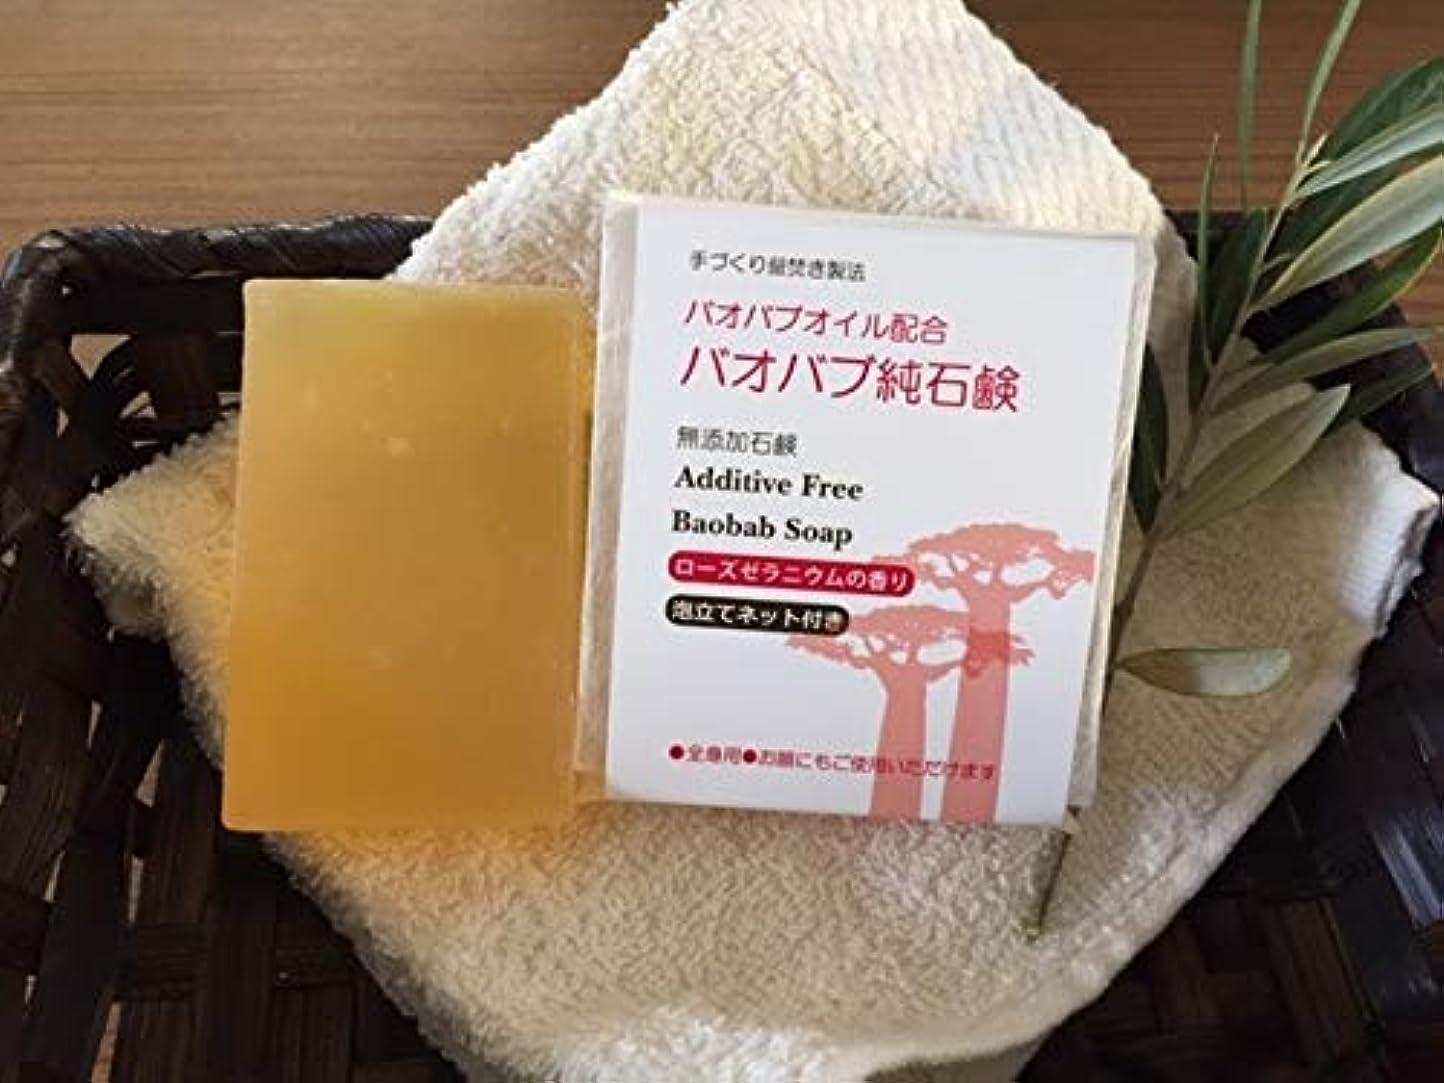 火山学キャンディー松の木手づくり釜焚き石鹸 バオバブ純石鹸 ローズゼラニウムの香り 130gバス用ジャンボサイズ 『ゴールド 未精製 バオバブオイル配合』 有機栽培のバオバブオイルをたっぷり配合しました